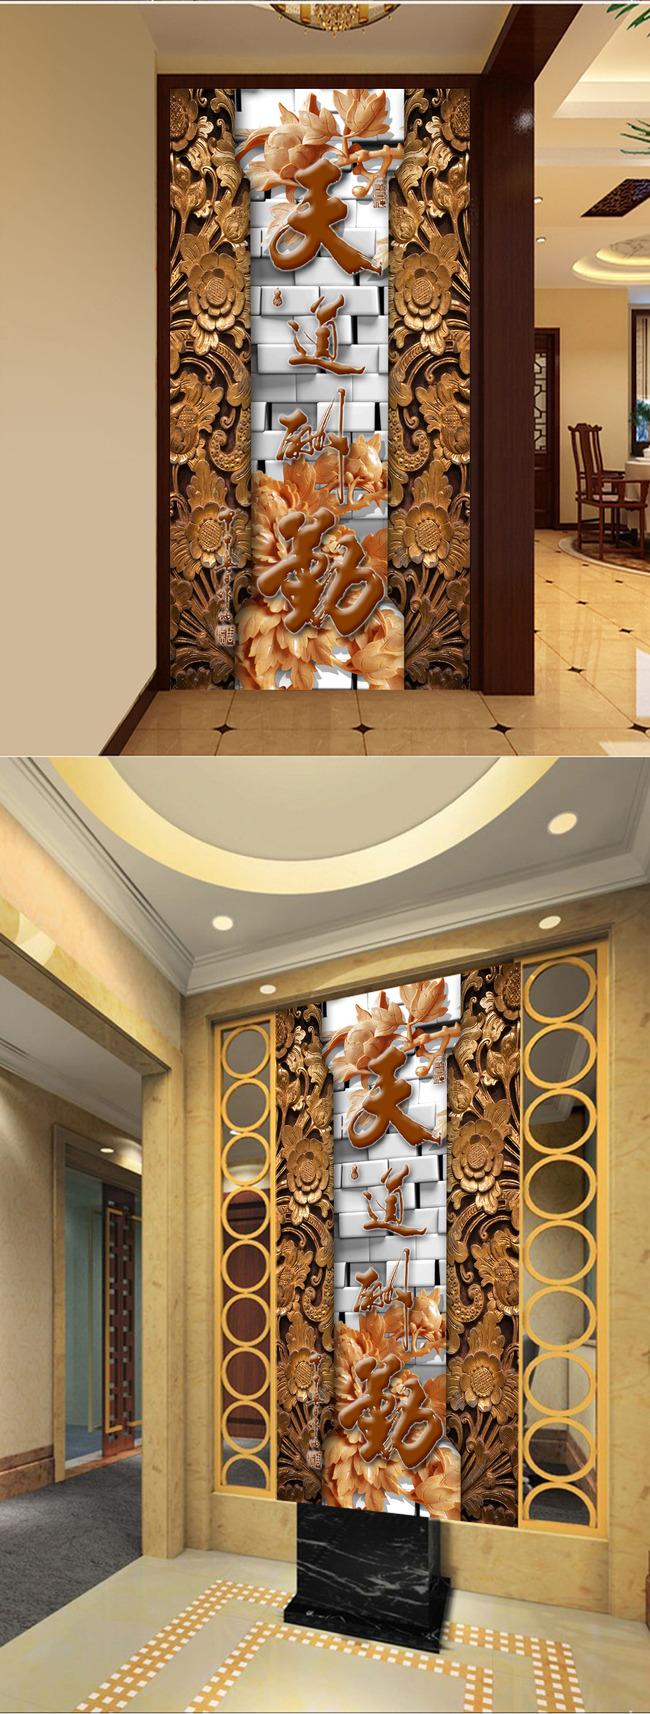 高档木雕天道酬勤玄关过道背景墙装饰画